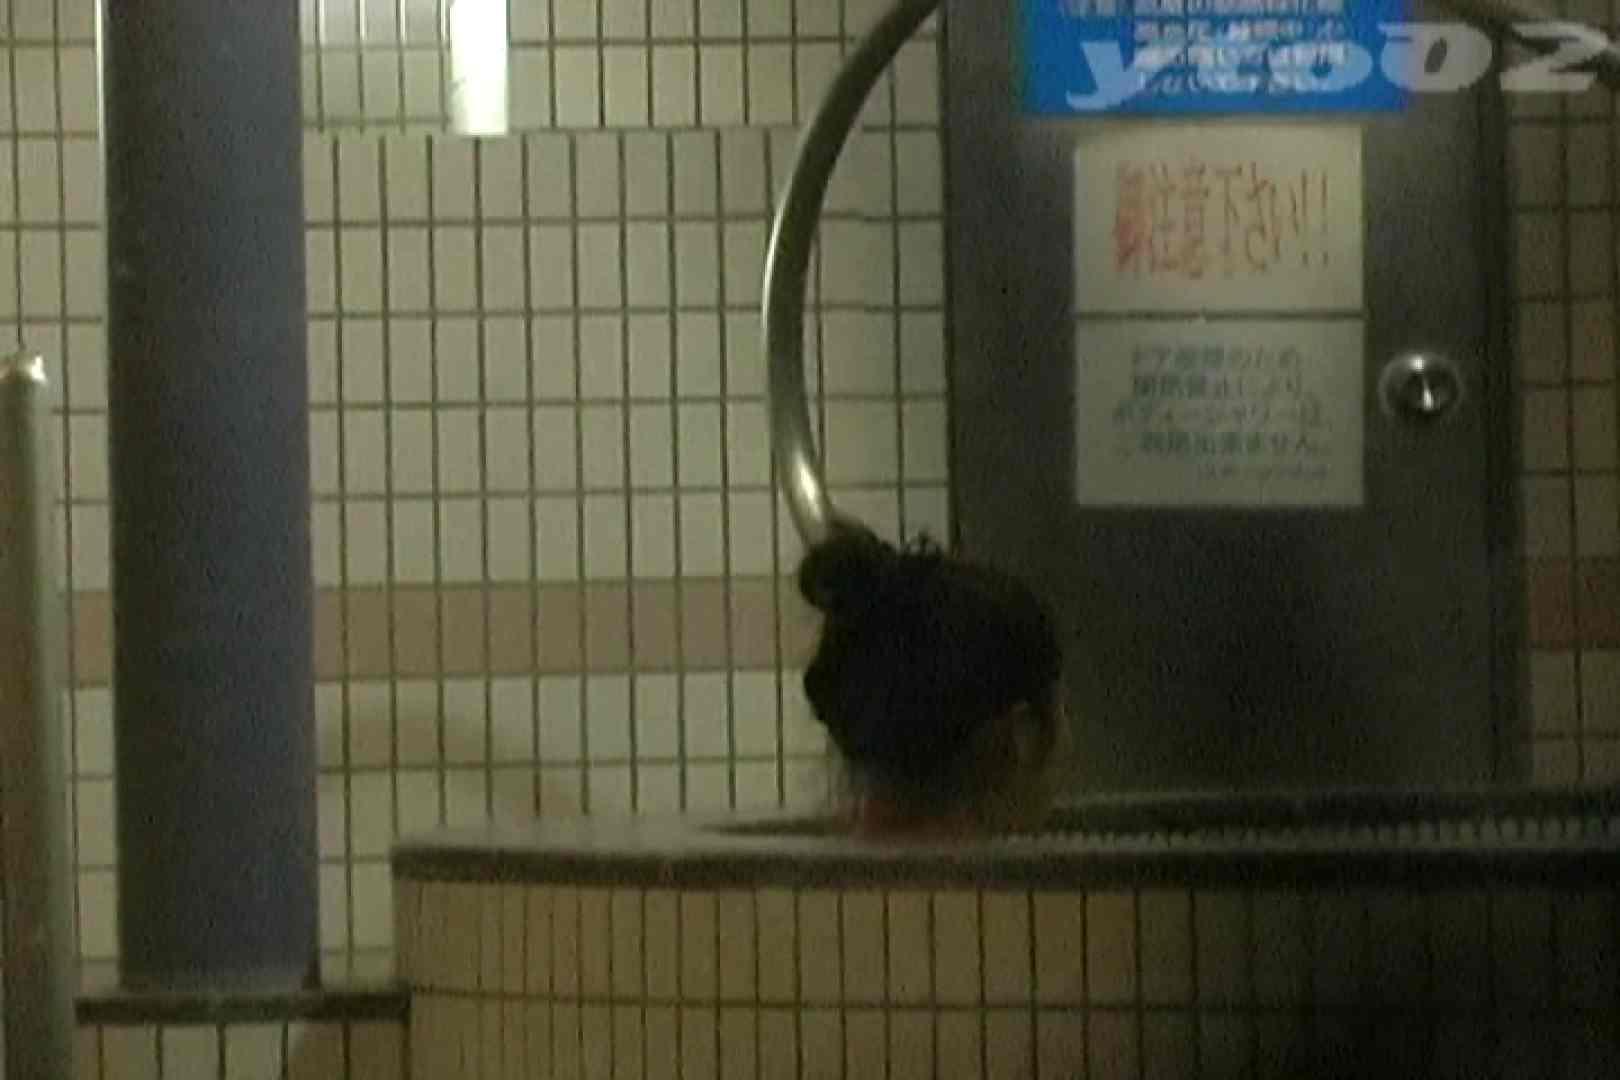 ▲復活限定▲合宿ホテル女風呂盗撮 Vol.11 合宿   盗撮エロすぎ  72連発 63